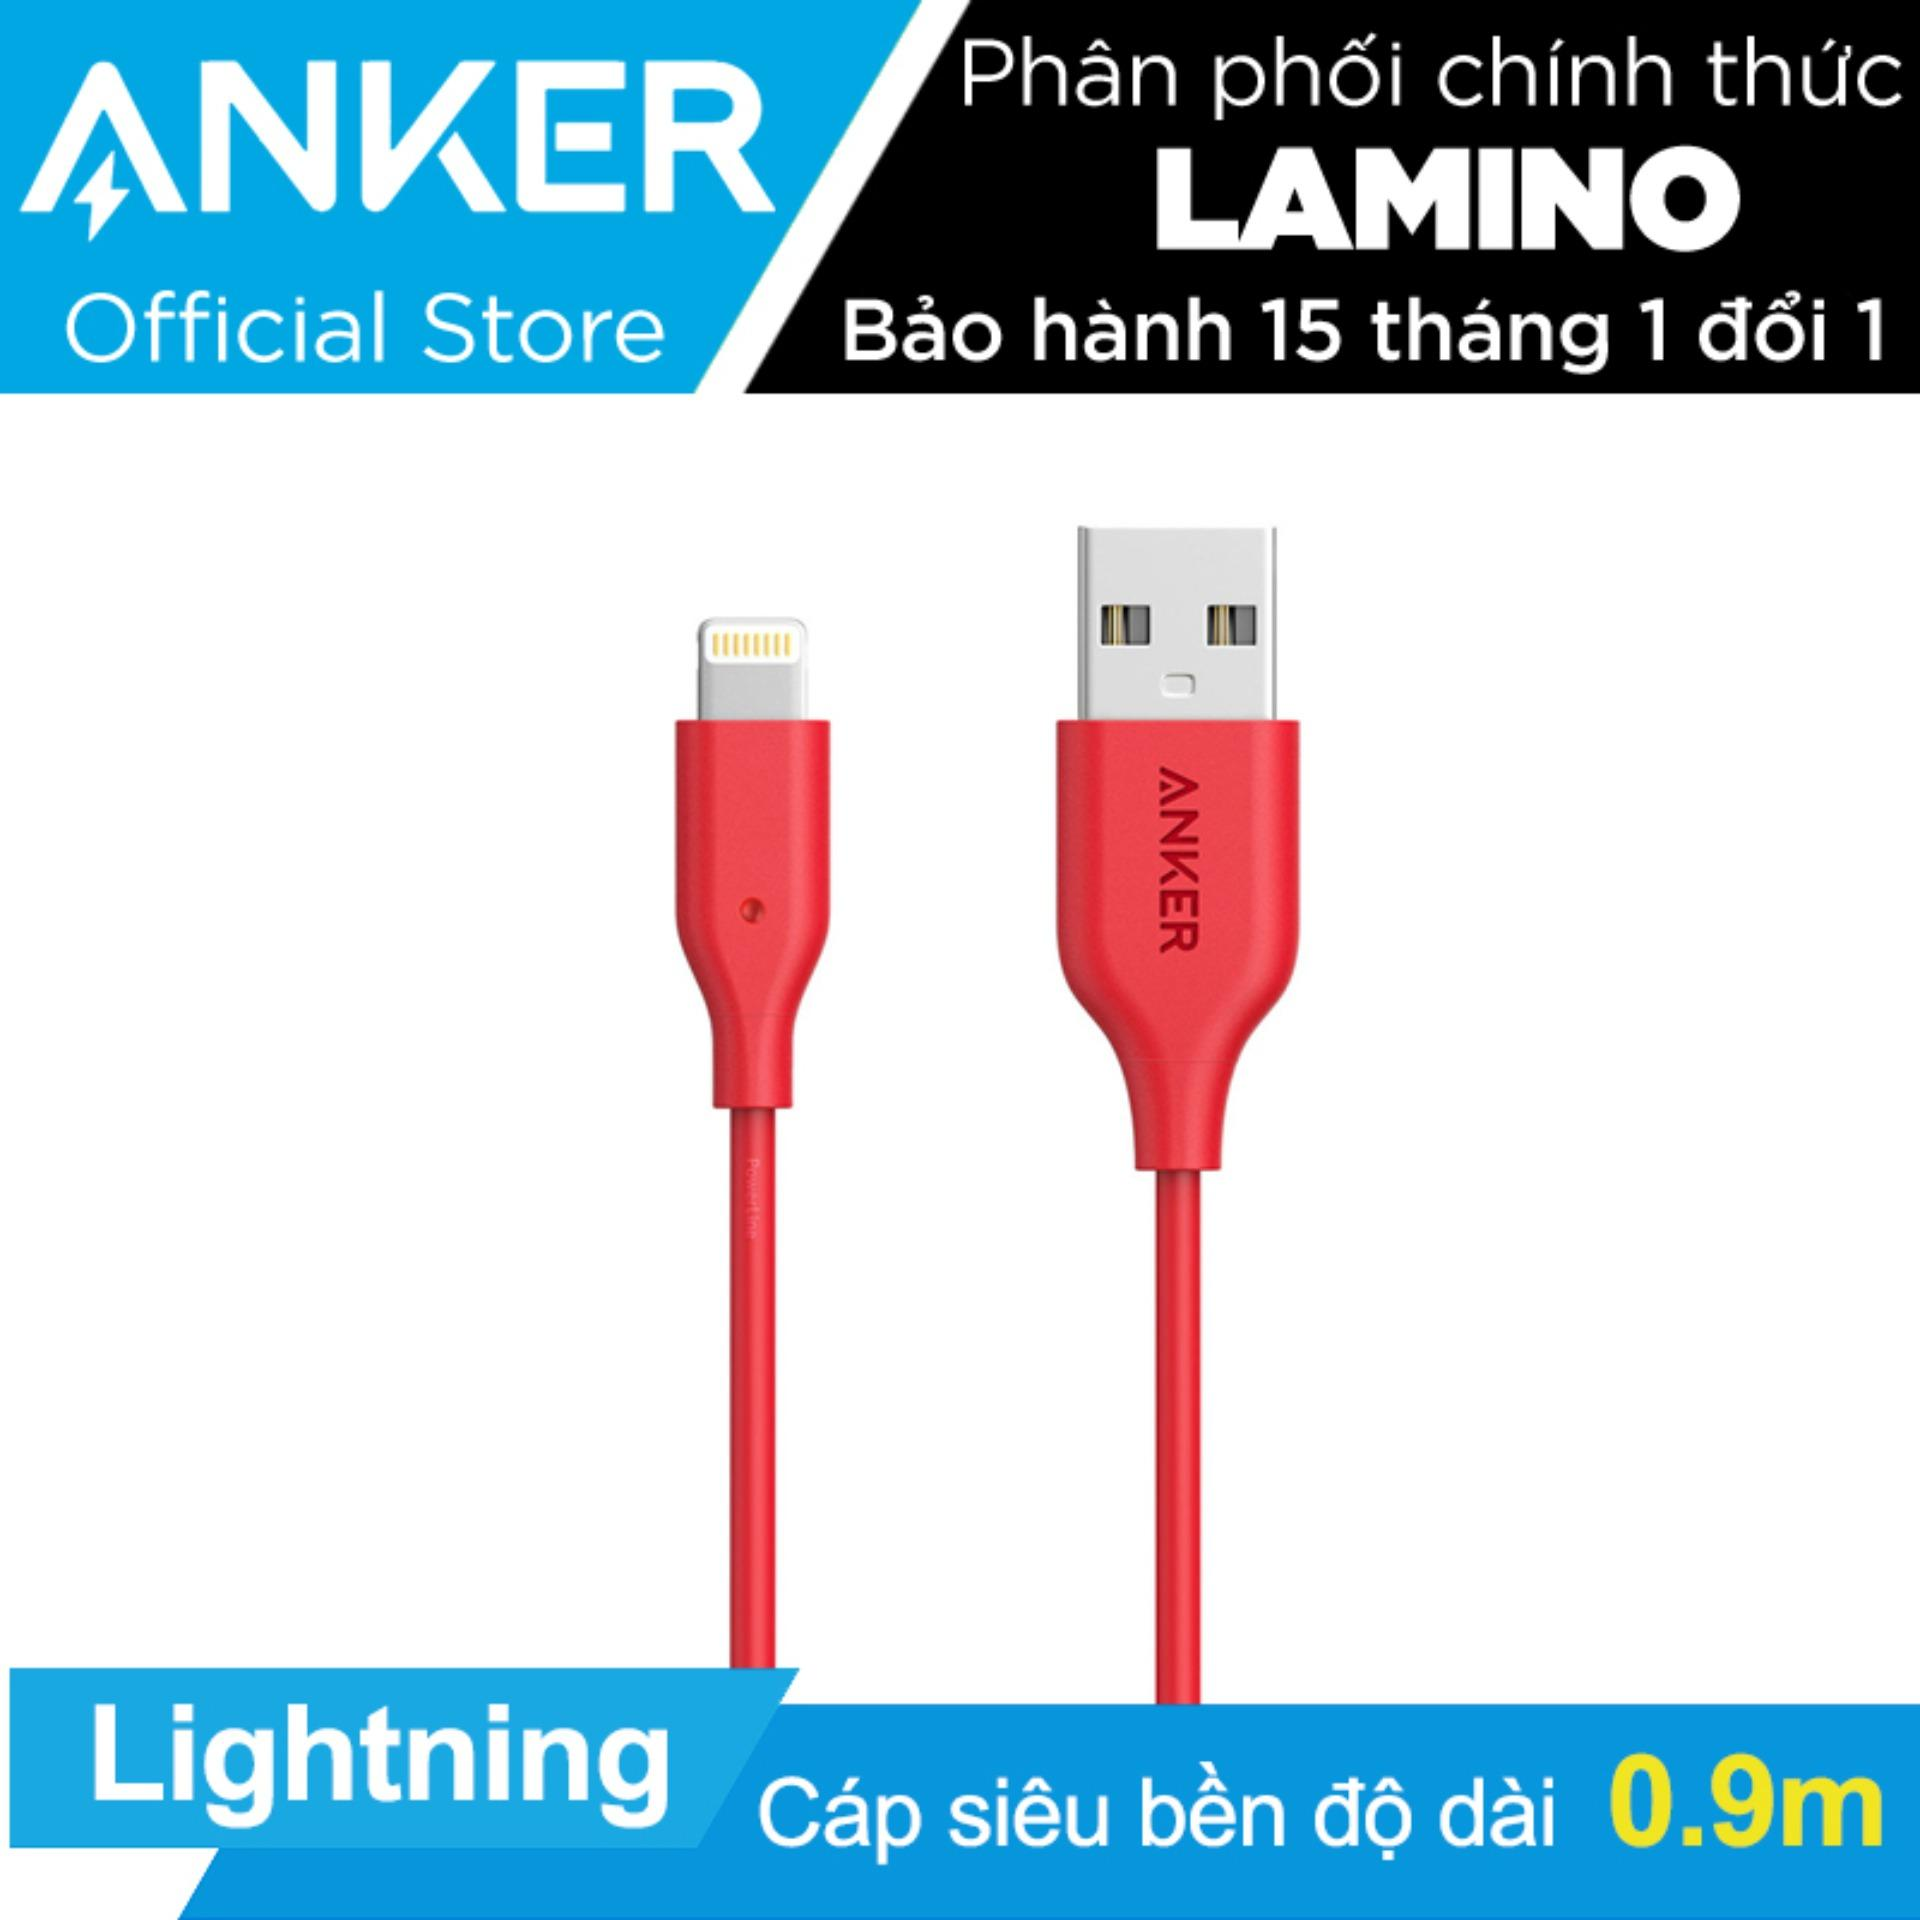 Cửa Hàng Cap Sạc Sieu Bền Anker Powerline Lightning 9M Cho Iphone Ipad Ipod Đỏ Hang Phan Phối Chinh Thức Trực Tuyến